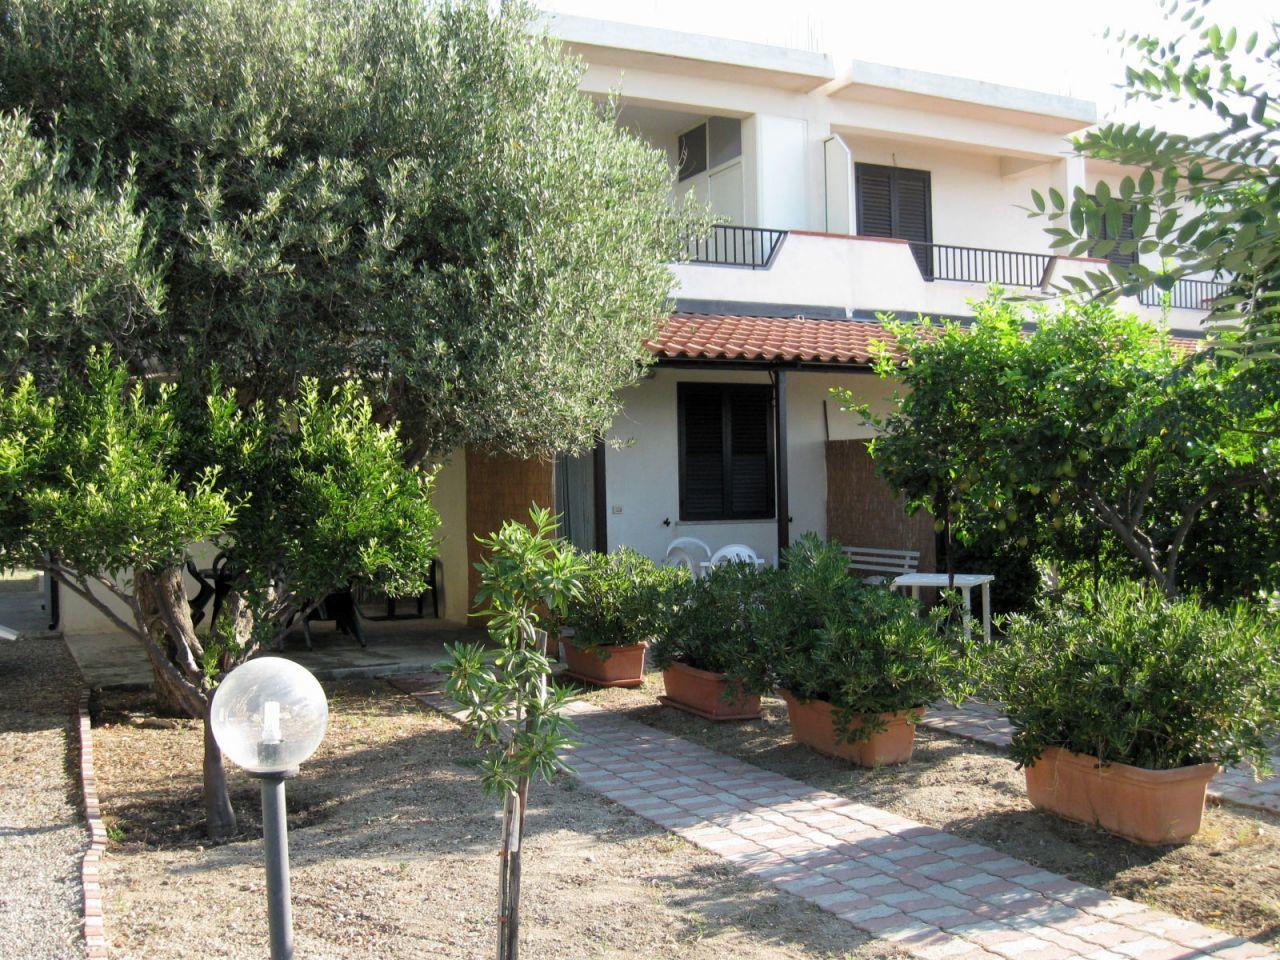 Appartamento in affitto a Bova Marina, 2 locali, prezzo € 1.500 | CambioCasa.it